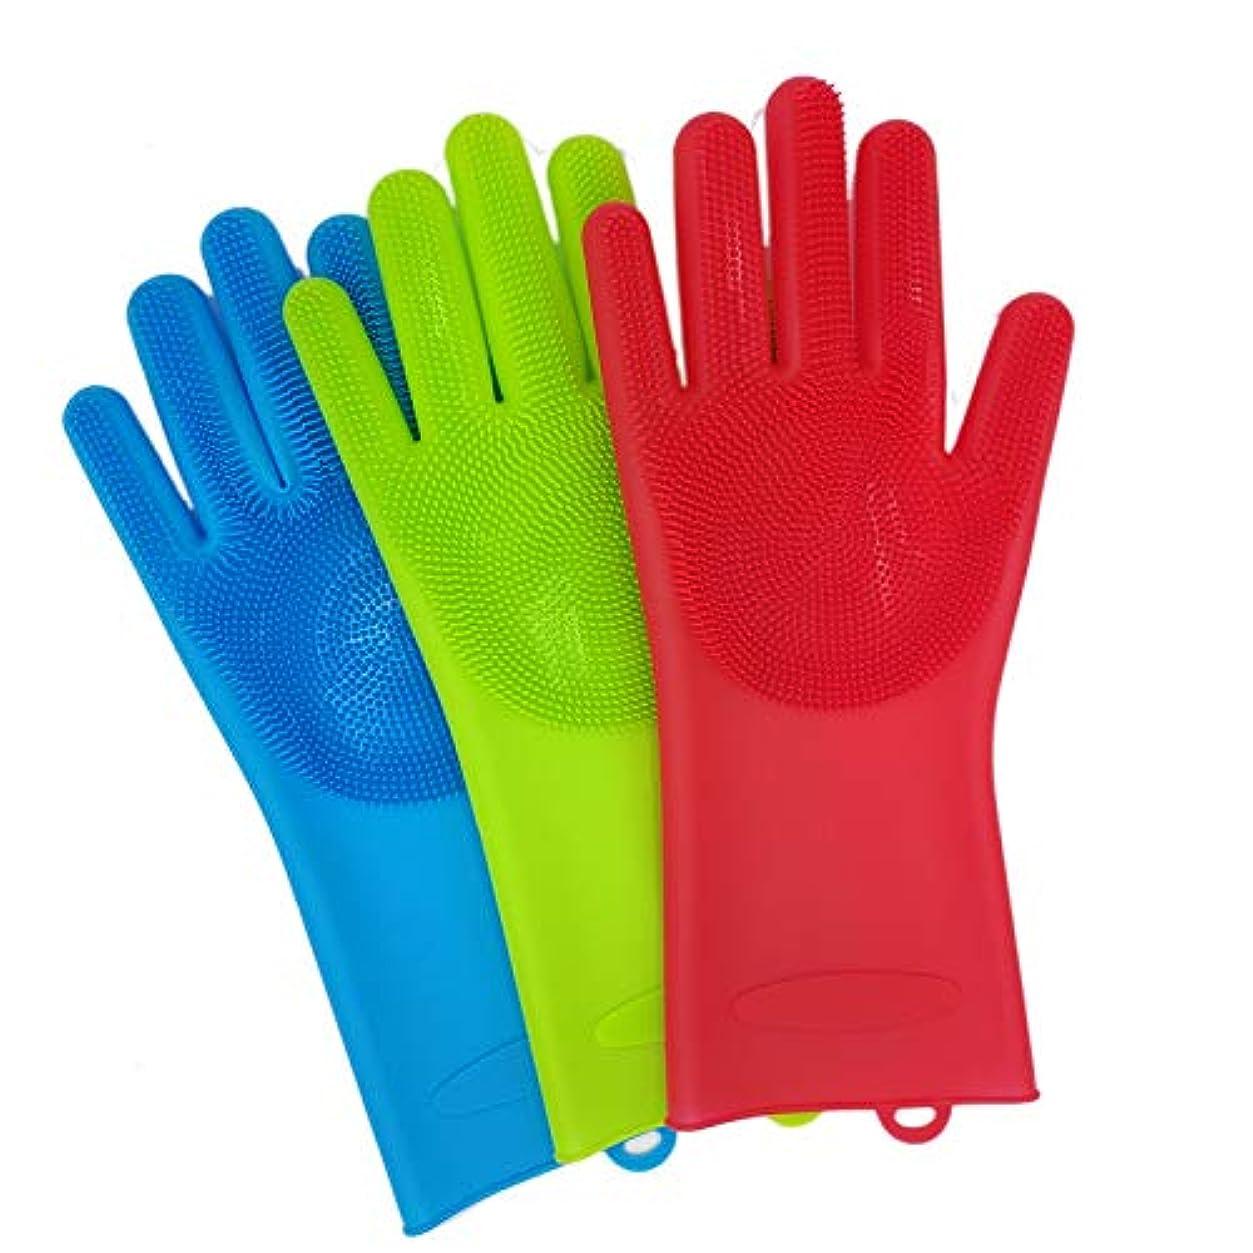 揺れるペックインシュレータBTXXYJP 手袋 ペット ブラシ 猫 ブラシ グローブ 耐摩耗 クリーナー 抜け毛取り マッサージブラシ 犬 グローブ ペット毛取りブラシ お手入れ (Color : Blue, Size : L)